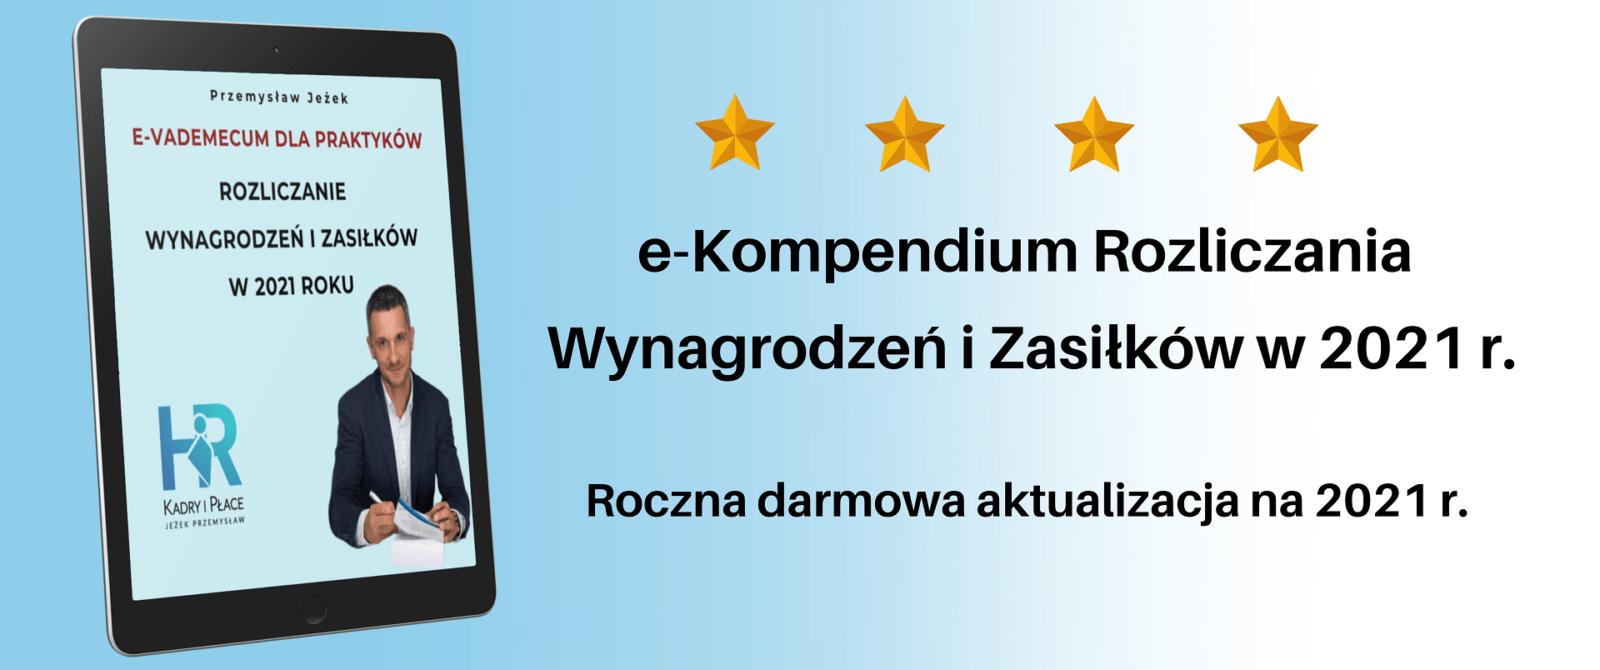 e Kompendium Rozliczania Wynagrodzen i Zasilkow w 2021 r.